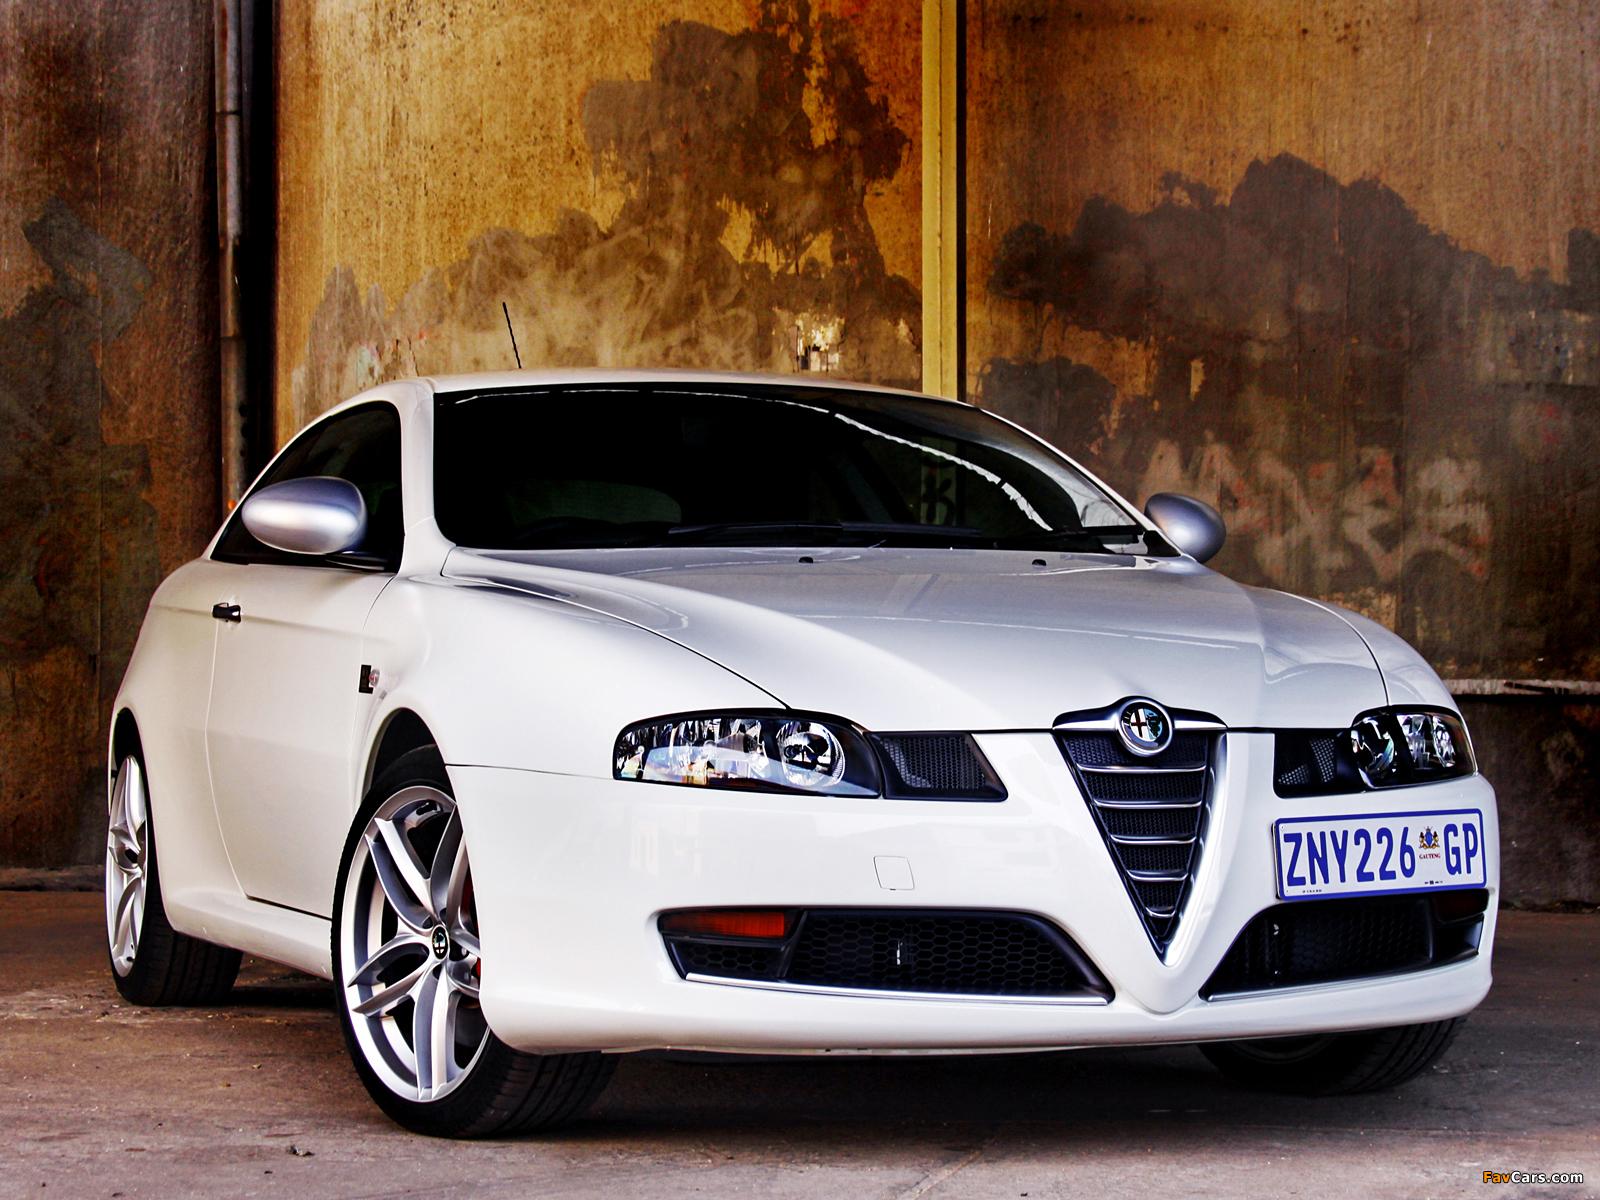 Alfa Romeo Gt Repair Manual 156 Workshop Free Download Gallery Of Images